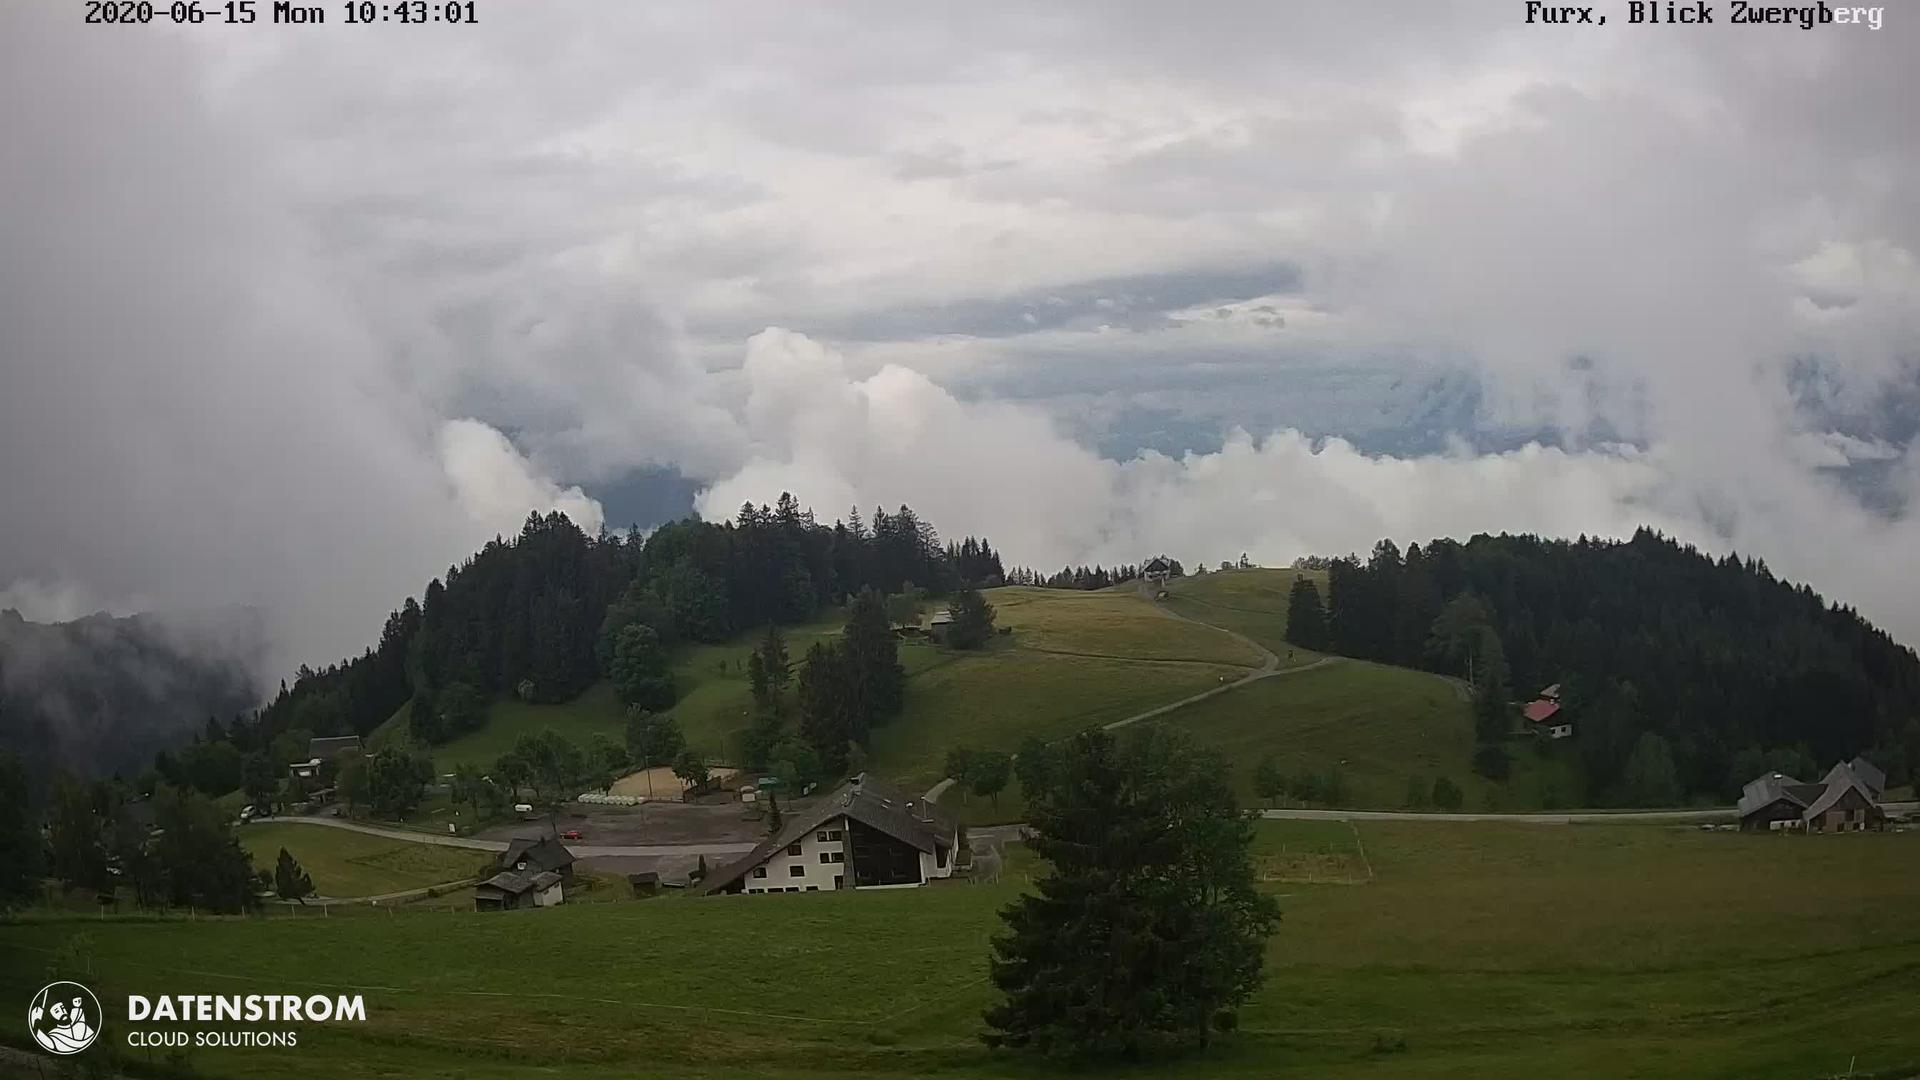 Webcam Furx: Zwergenberg